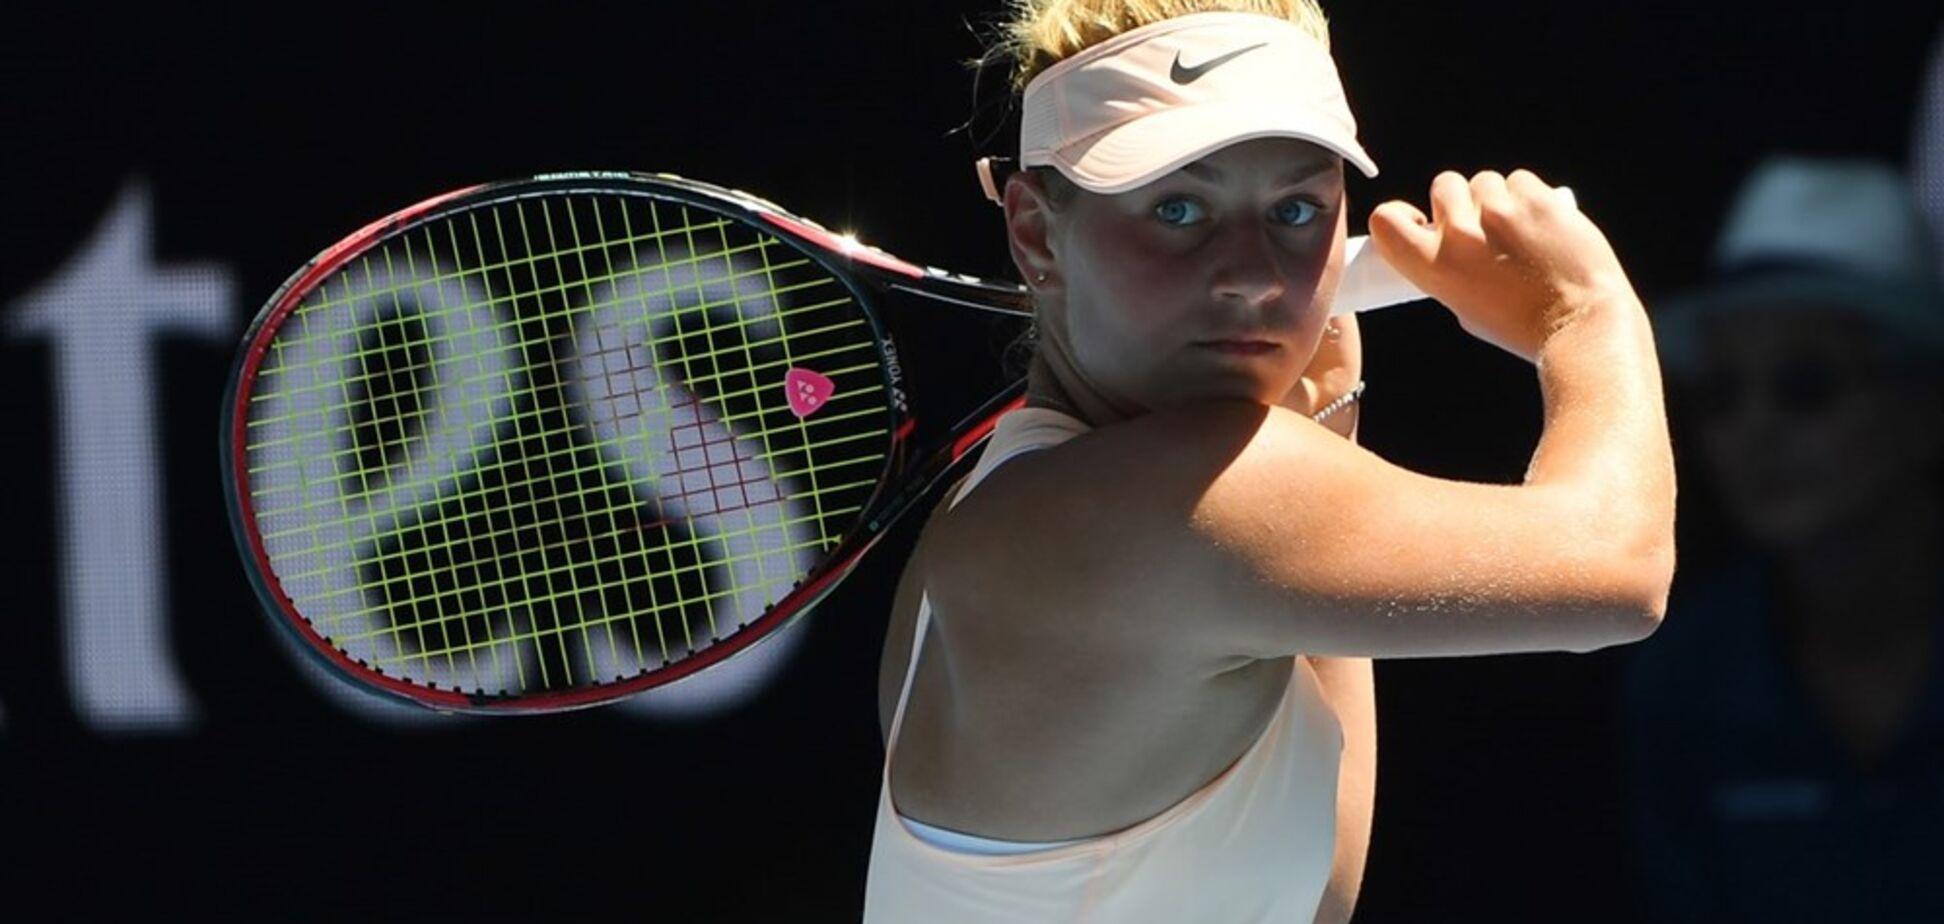 Браво! 15-летняя украинка вышла в финал теннисного турнира в Австралии